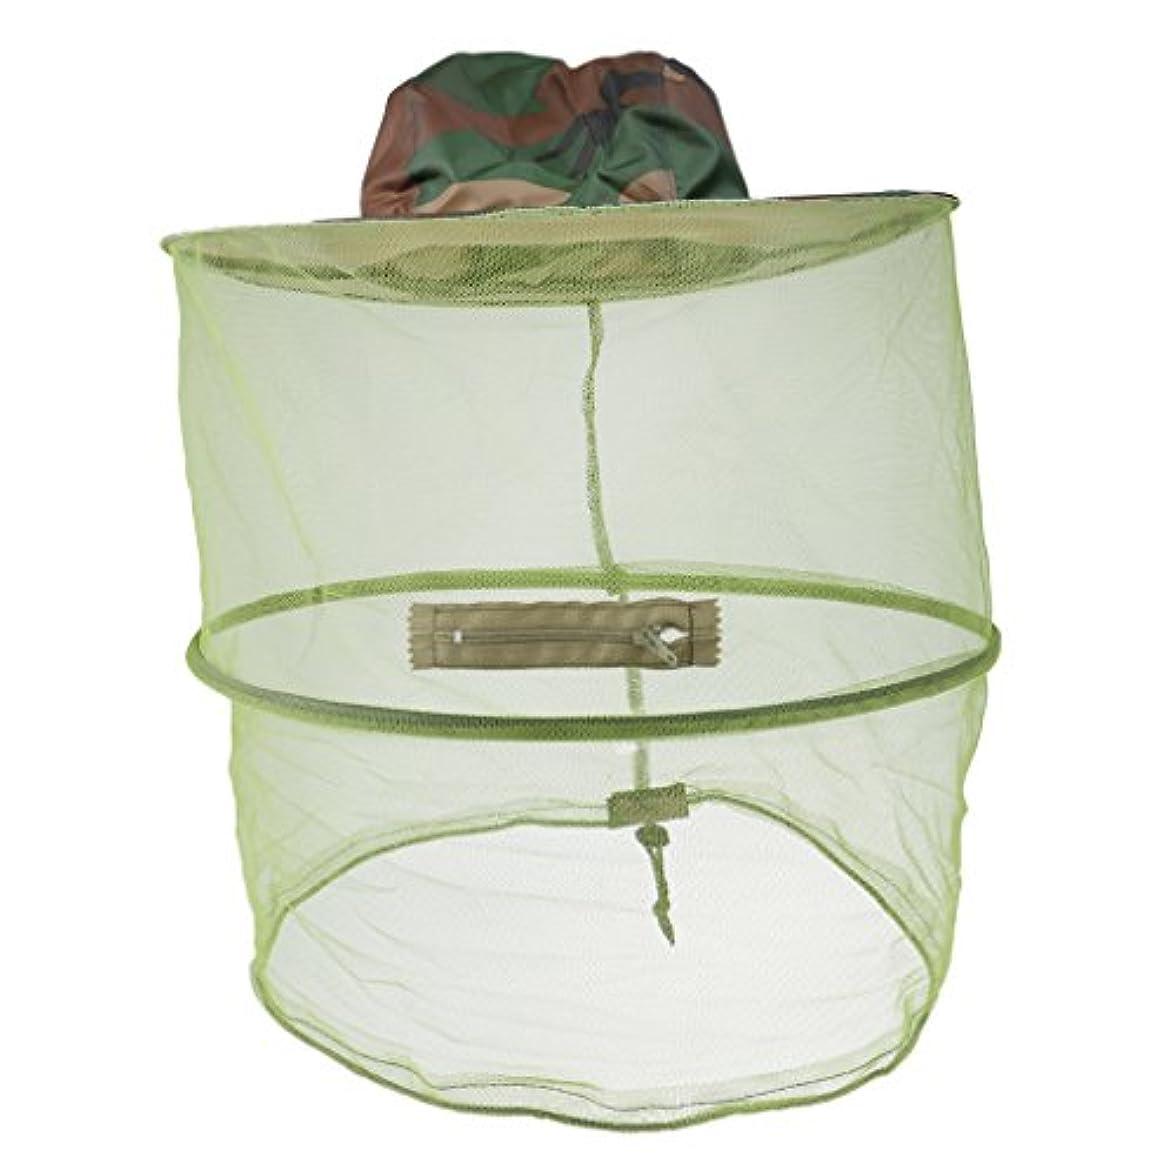 終点バーゲン誤ってDYNWAVE ネットハット 釣り帽子 蚊除け 虫除け 頭顔保護 園芸 農作業 全3選択